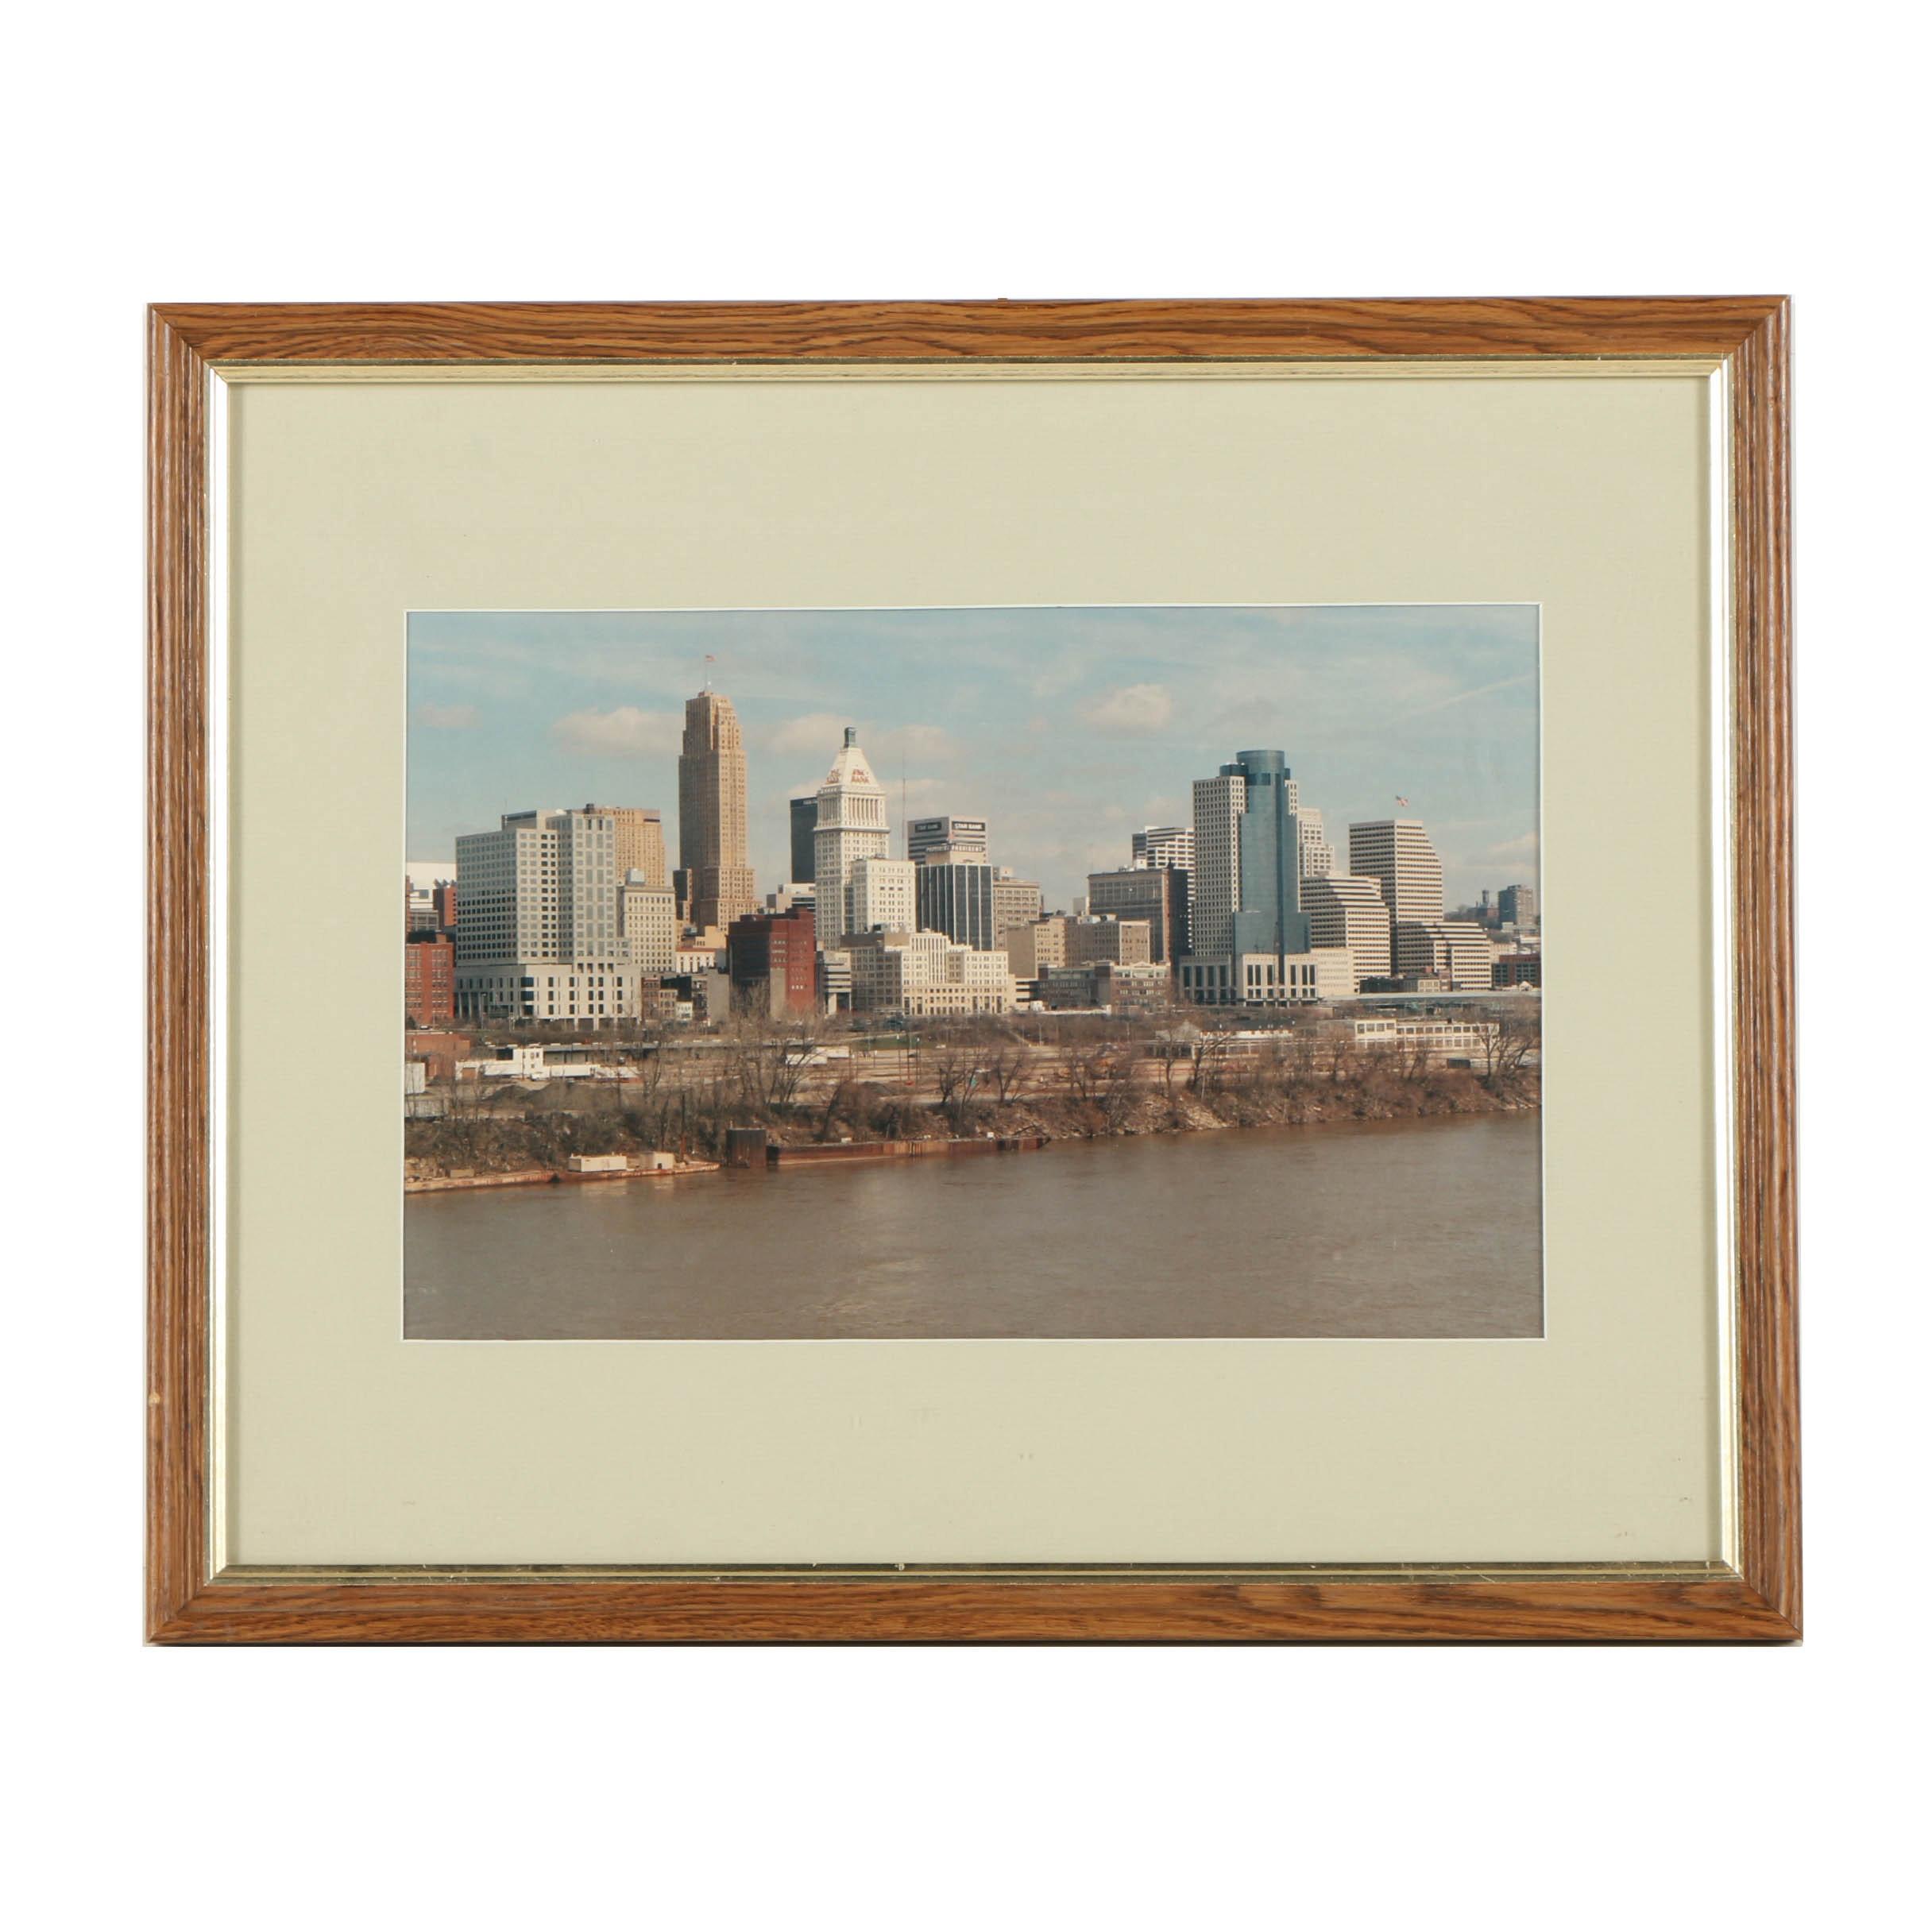 Late 20th Century Color Photograph of Cincinnati Skyline